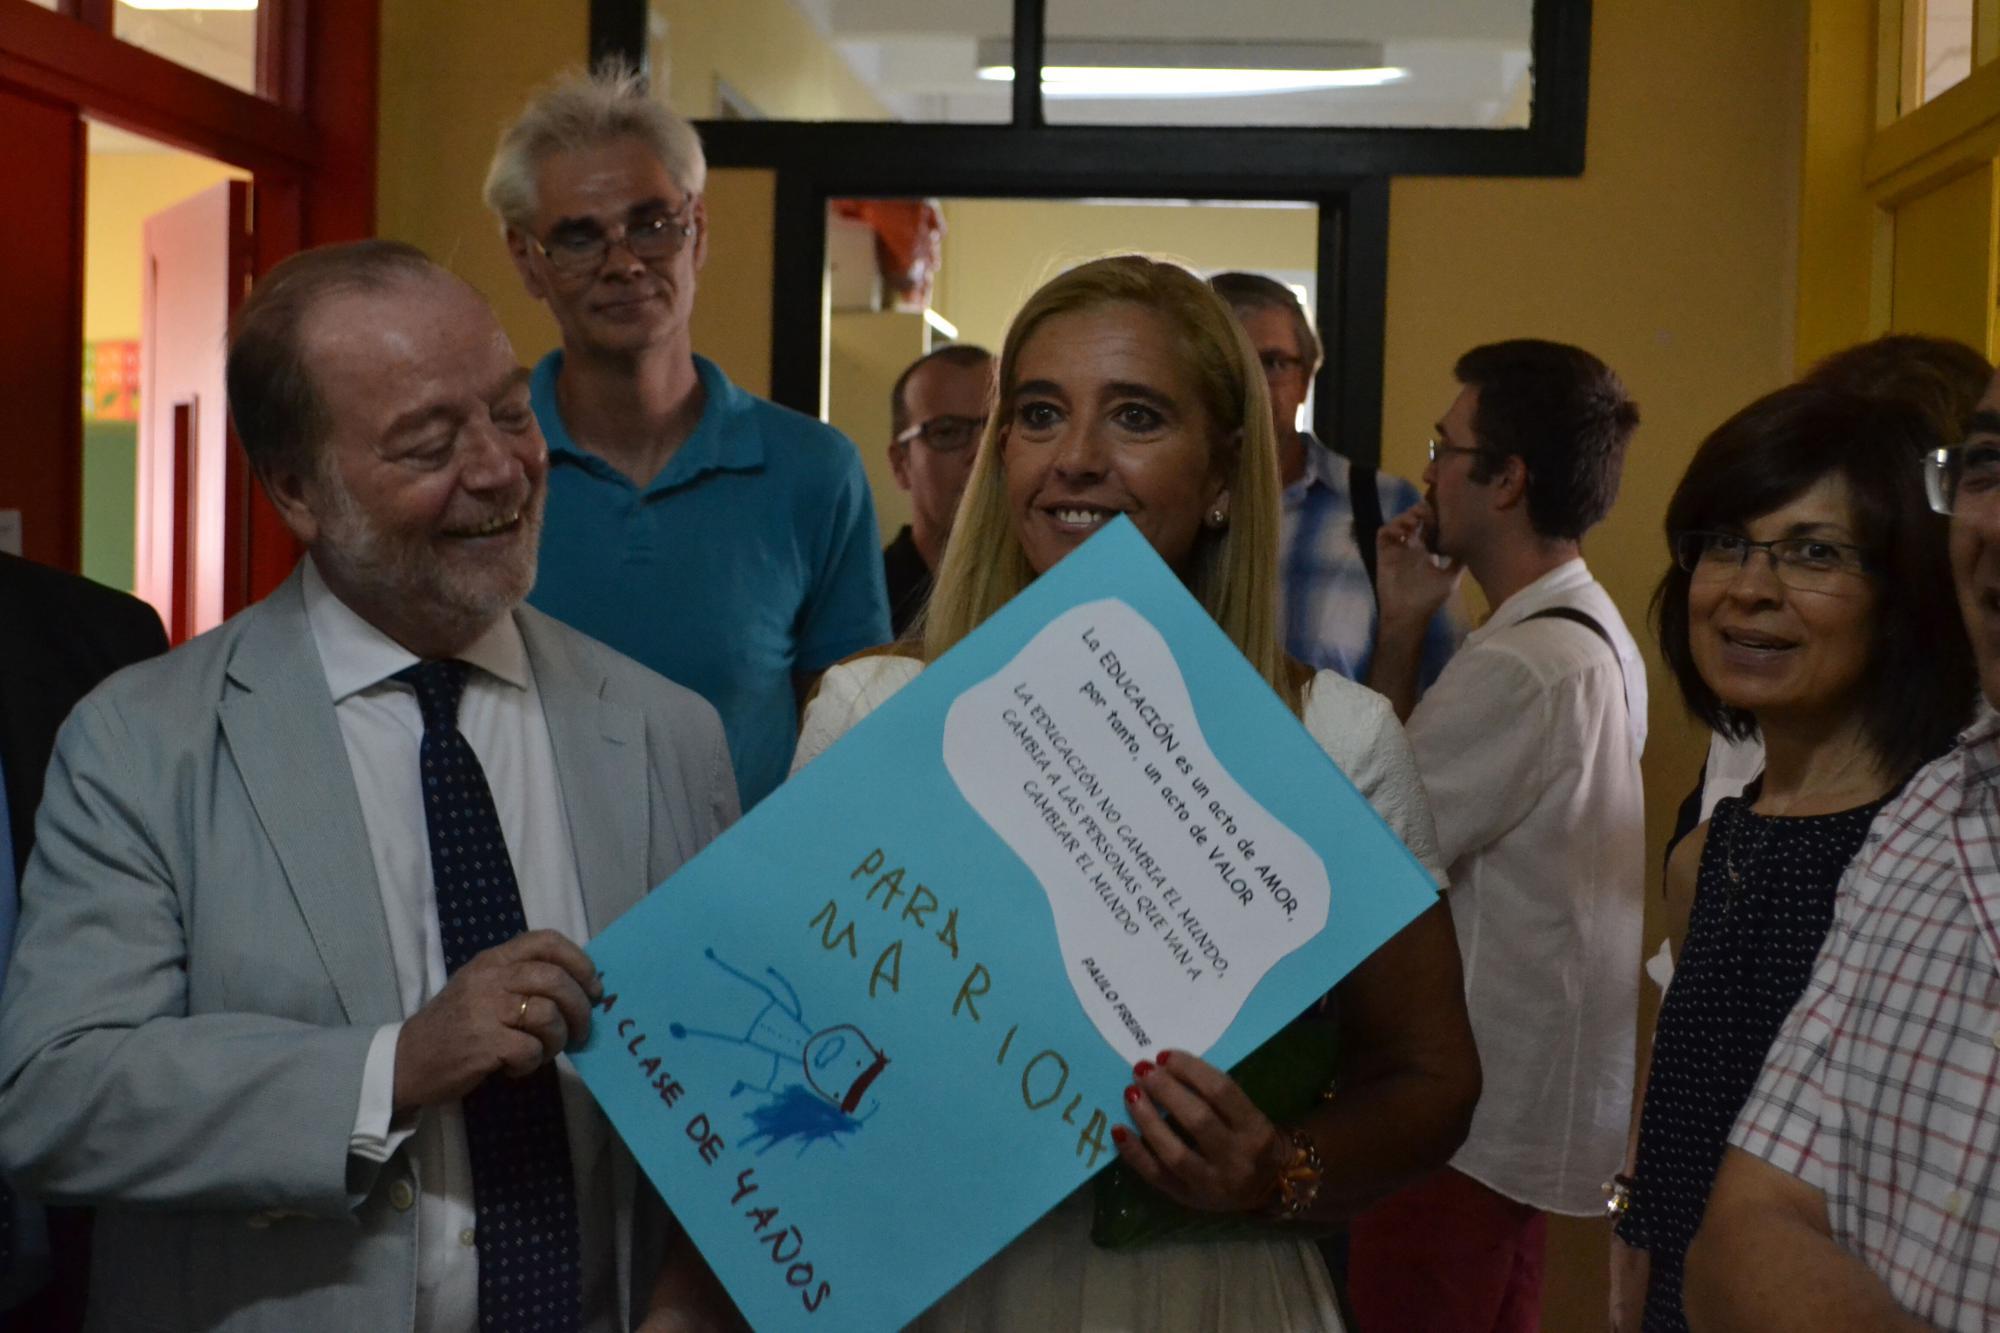 Alumnos inician las clases en collado villalba for Sala 8 collado villalba